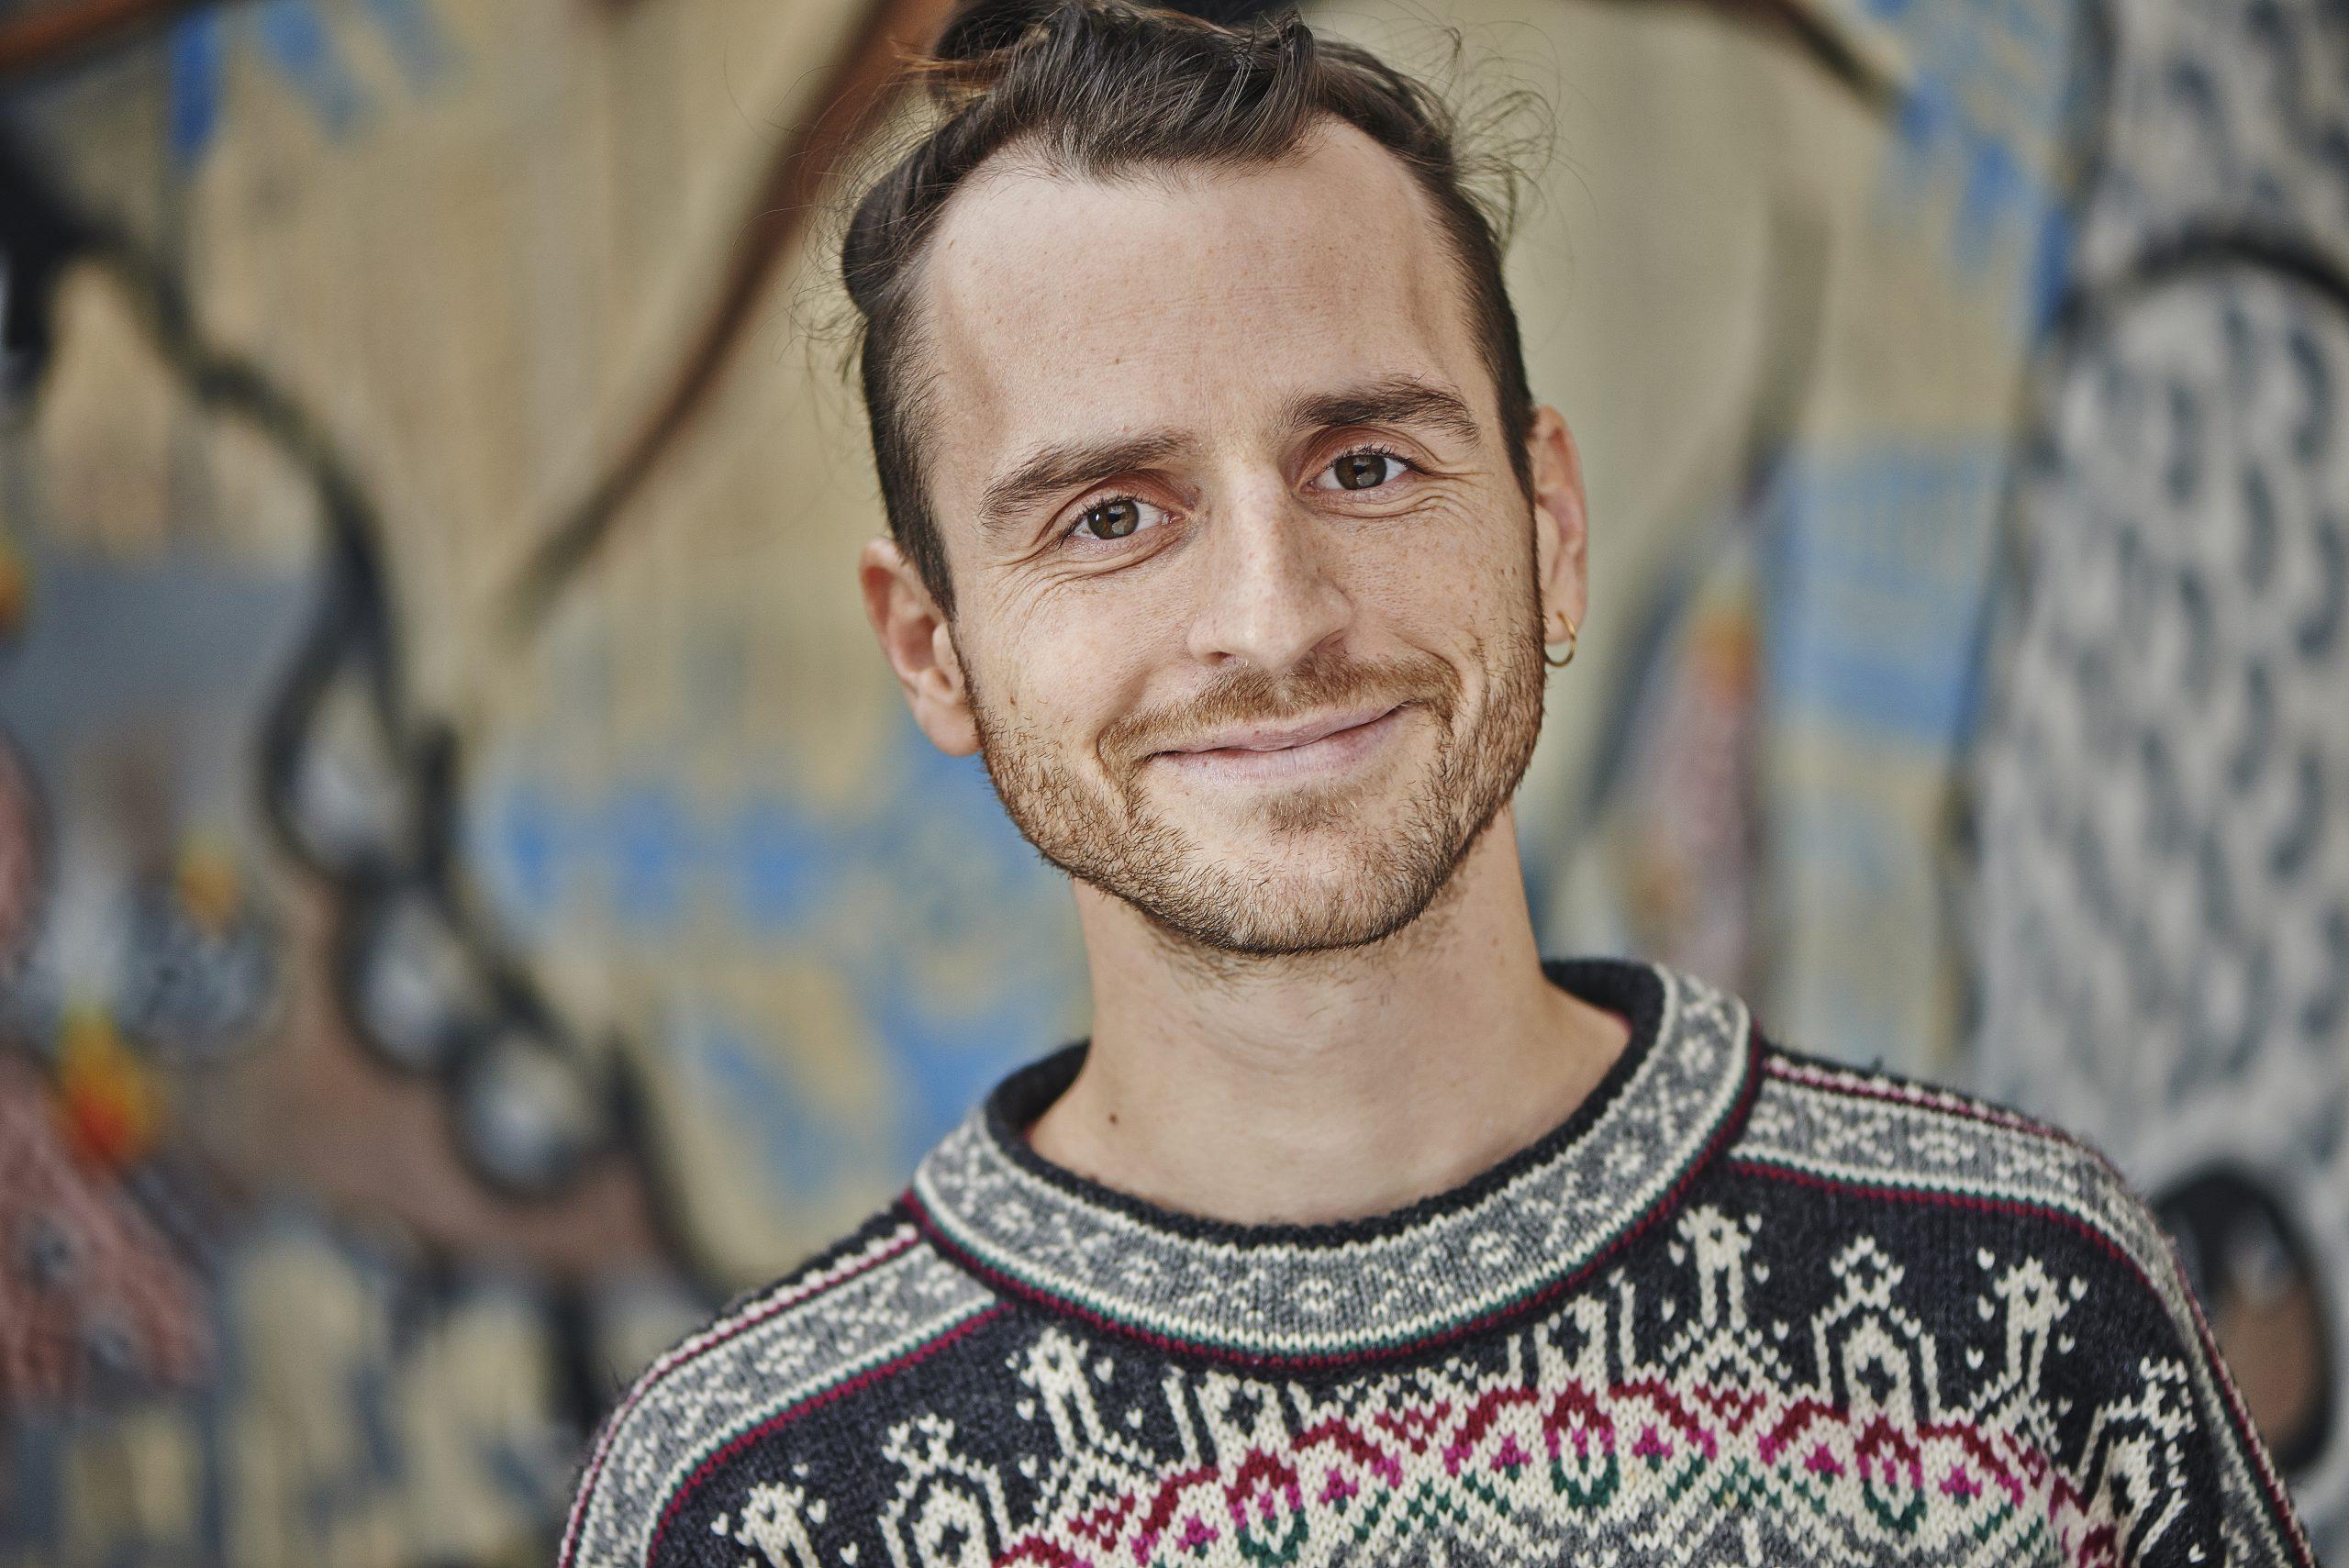 Portraitfoto eines jungen Mannes mit braunen Haaren. Er lächelt in die Kamera.